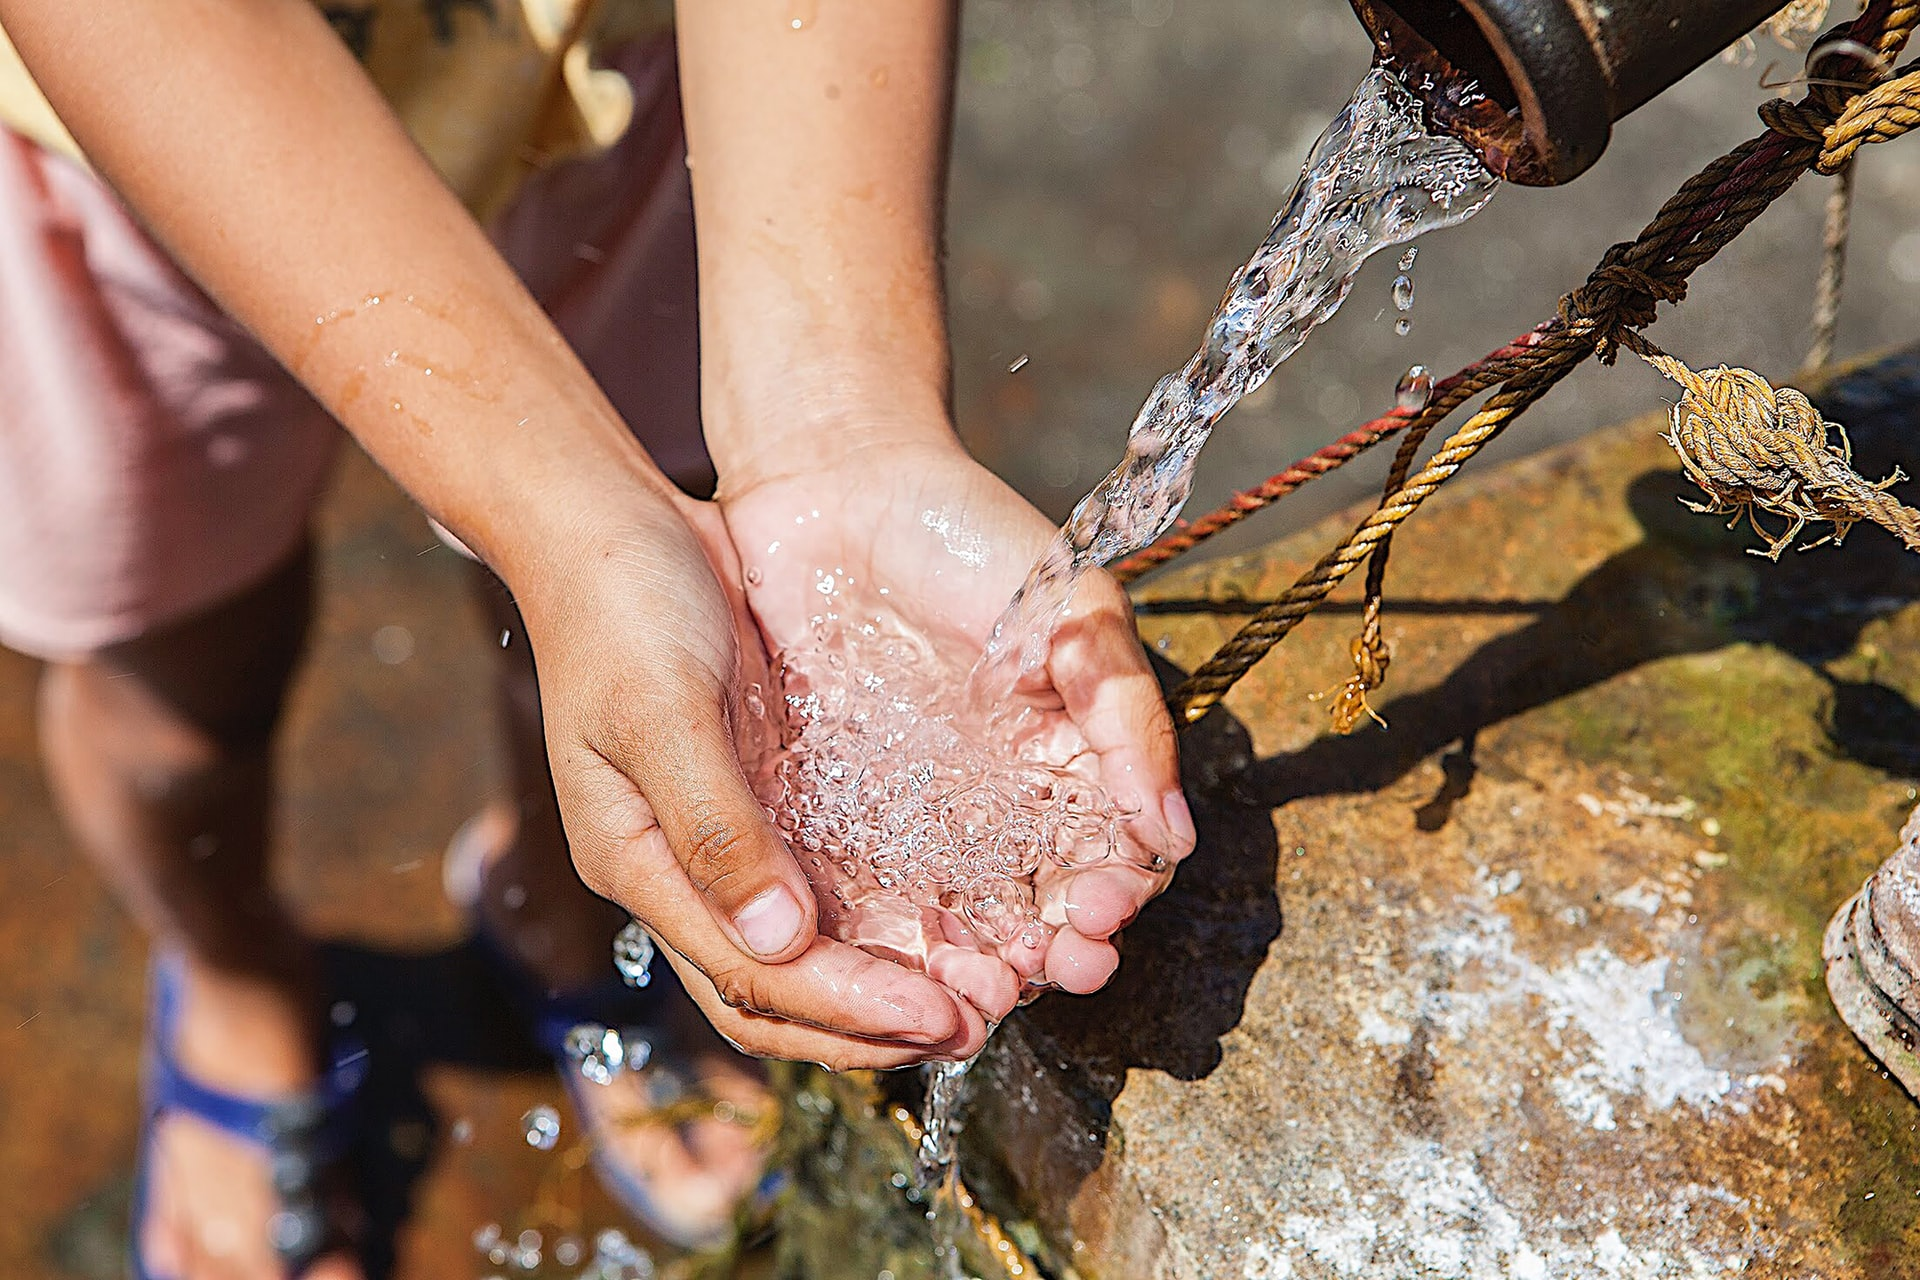 水衛生問題に対して 私たちに出来る方法で解決を目指そう